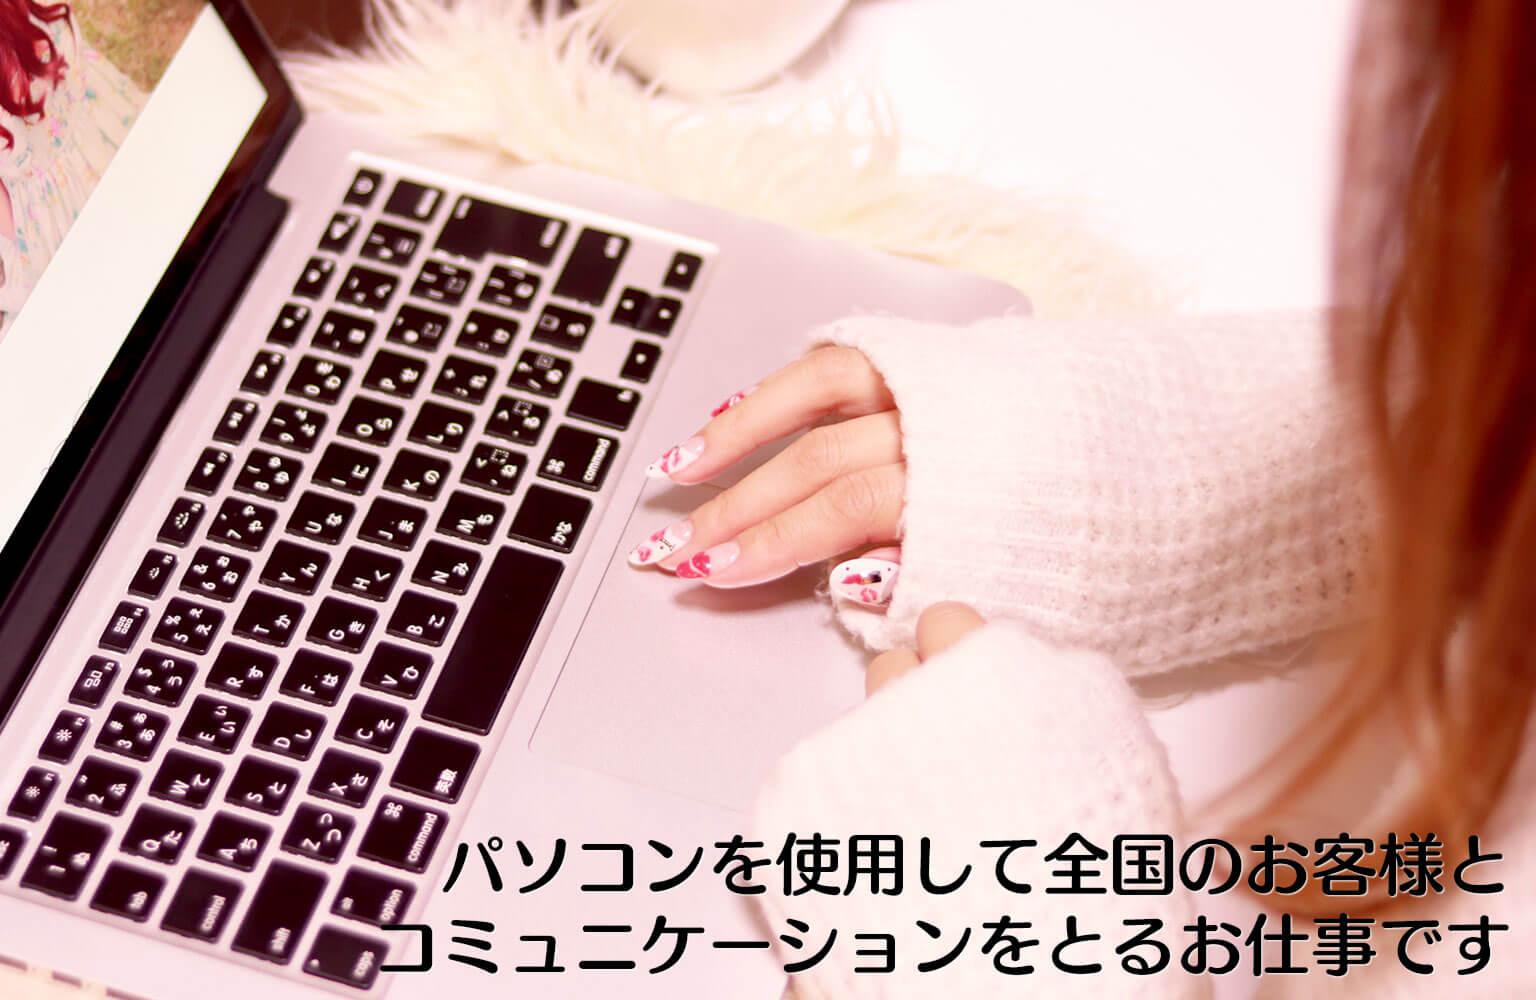 チャット 女の子募集 大阪梅田 アルバイト